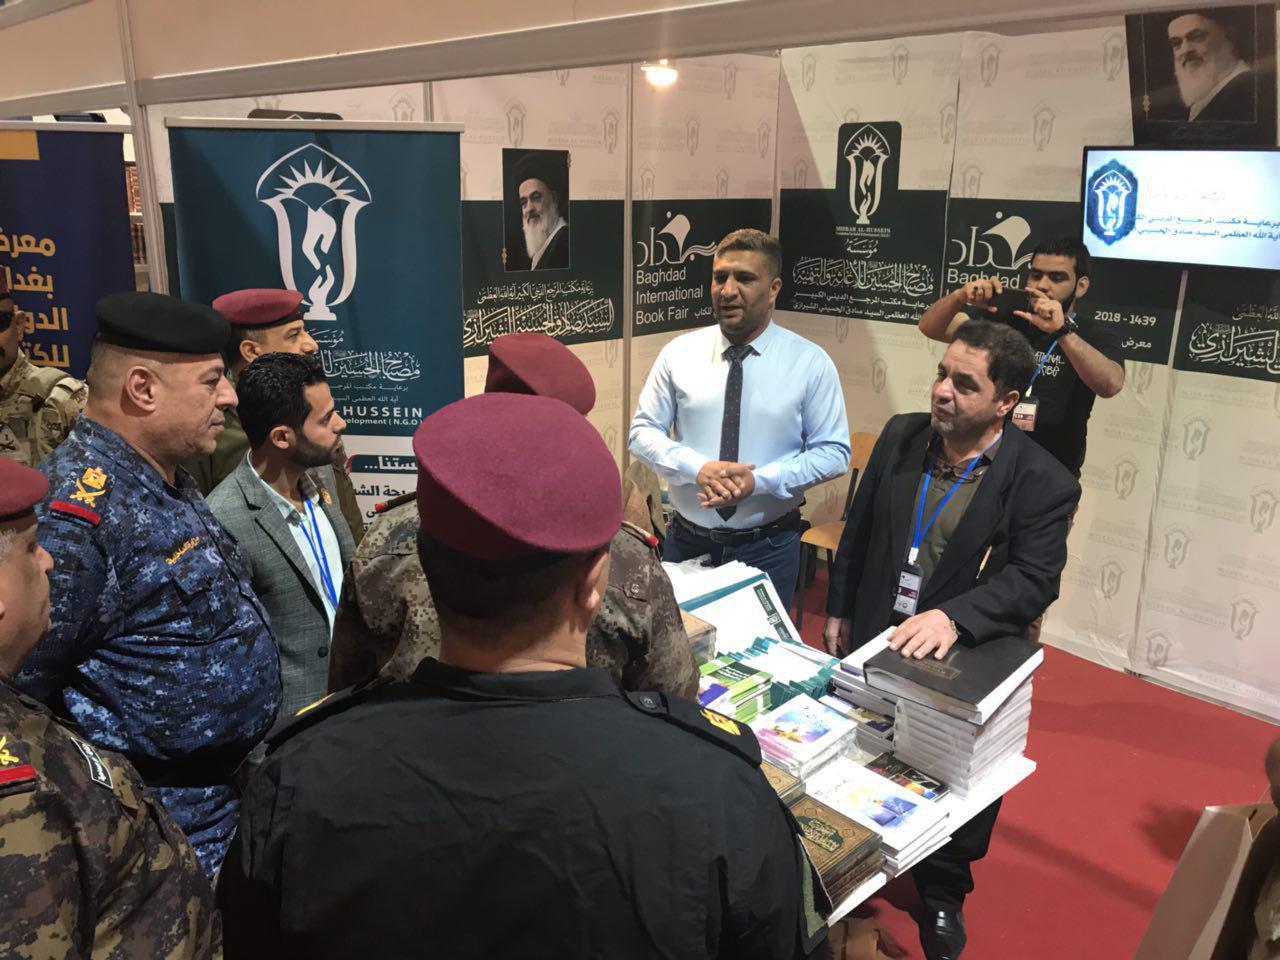 صورة بالصور .. مؤسسة مصباح الحسين عليه السلام للتنمية تواصل فعالياتها في معرض بغداد الدولي للكتاب